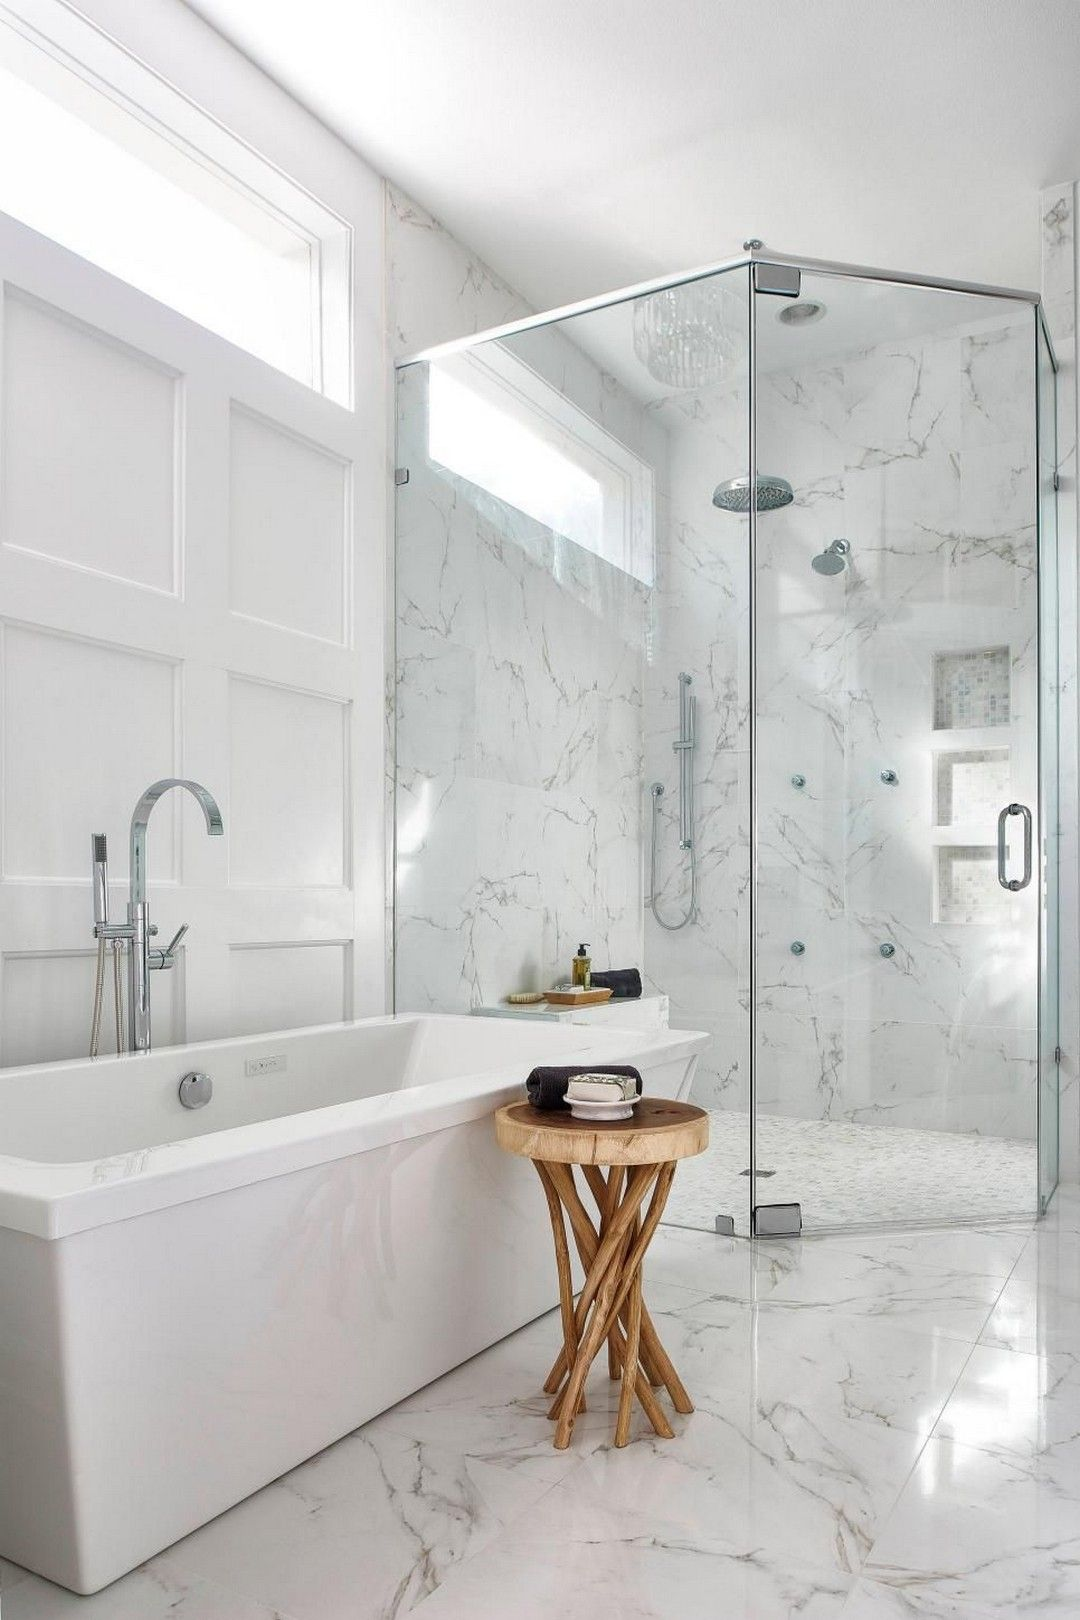 36 Master Badezimmer Deko Ideen Mit Marmor Stil Badezimmer